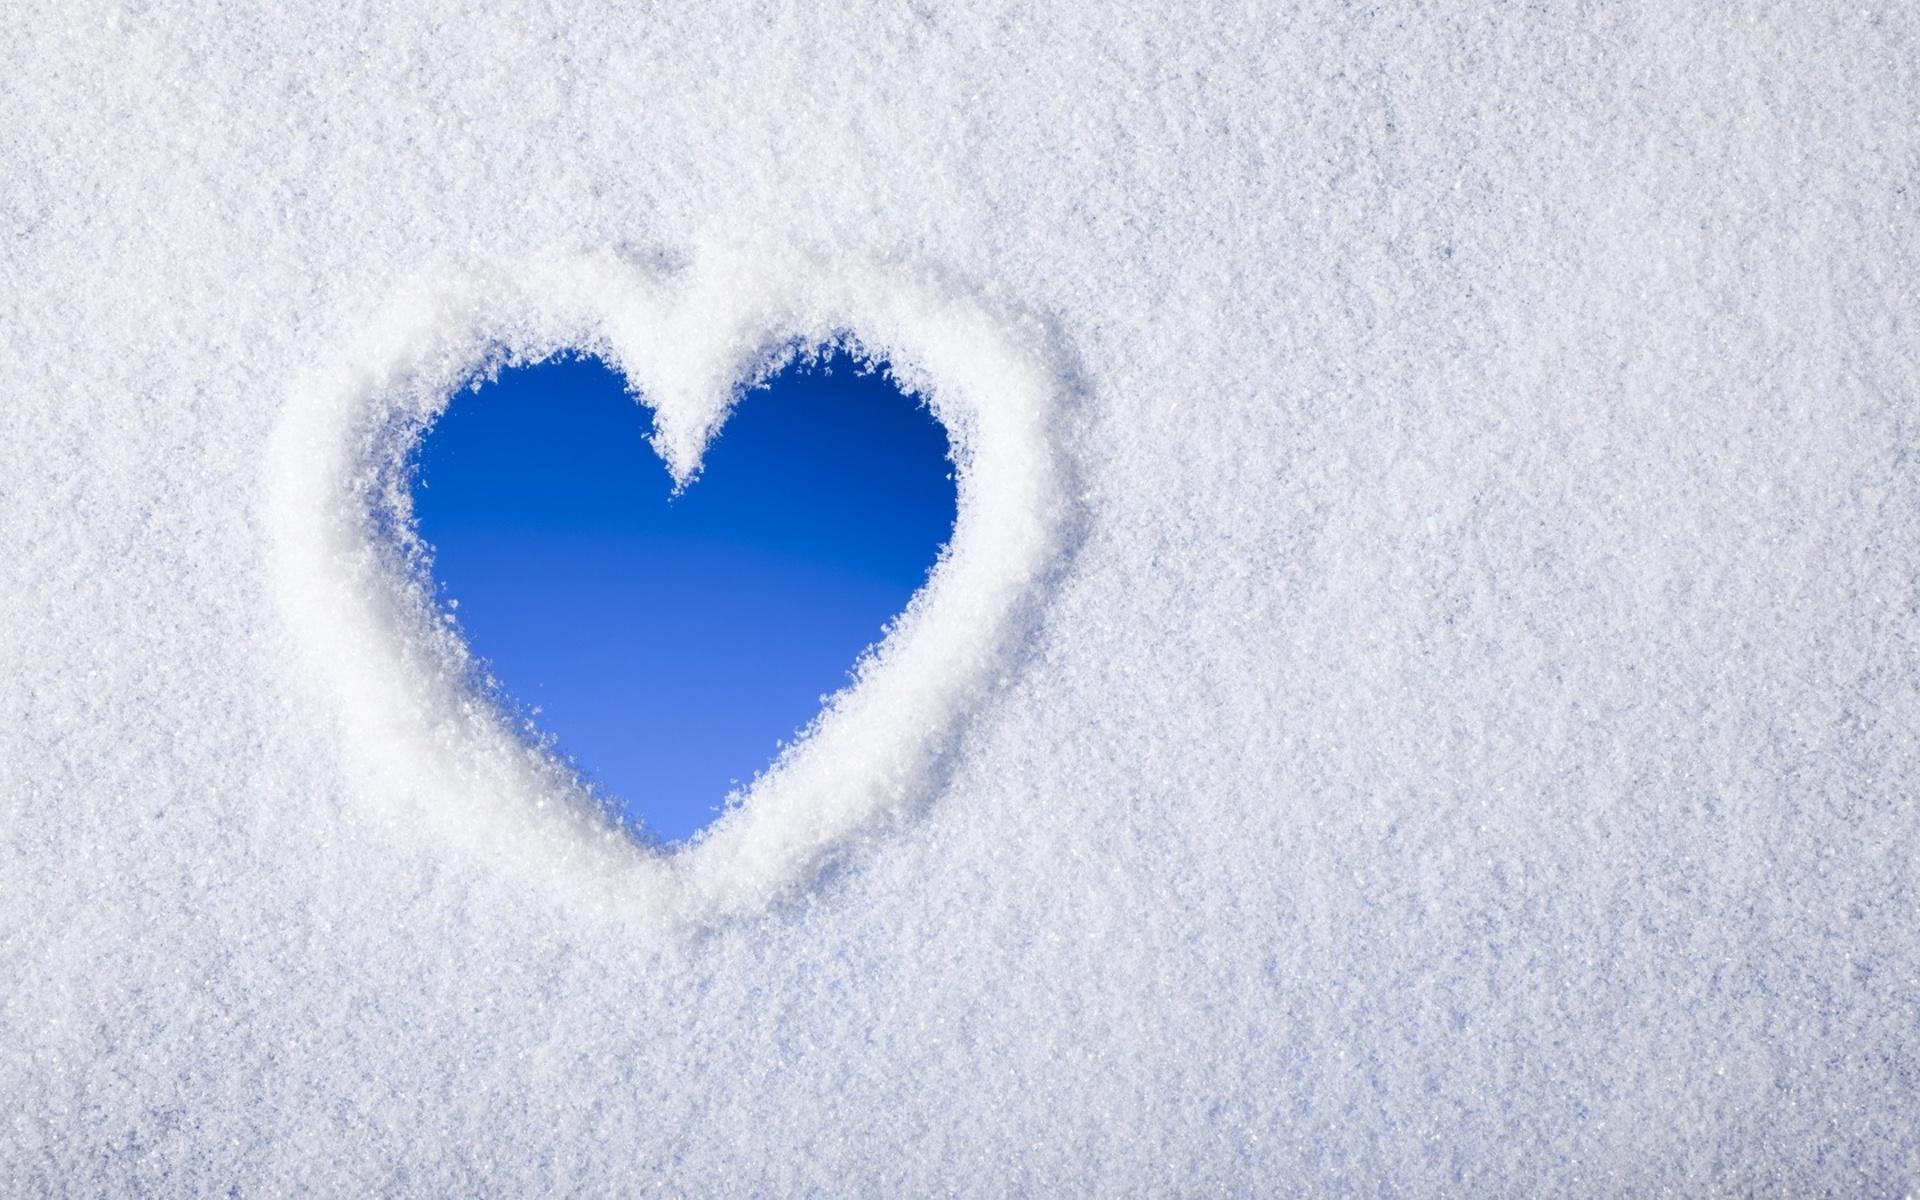 صور قلوب وحب ورومانسية وصورة قلب HD  (11)